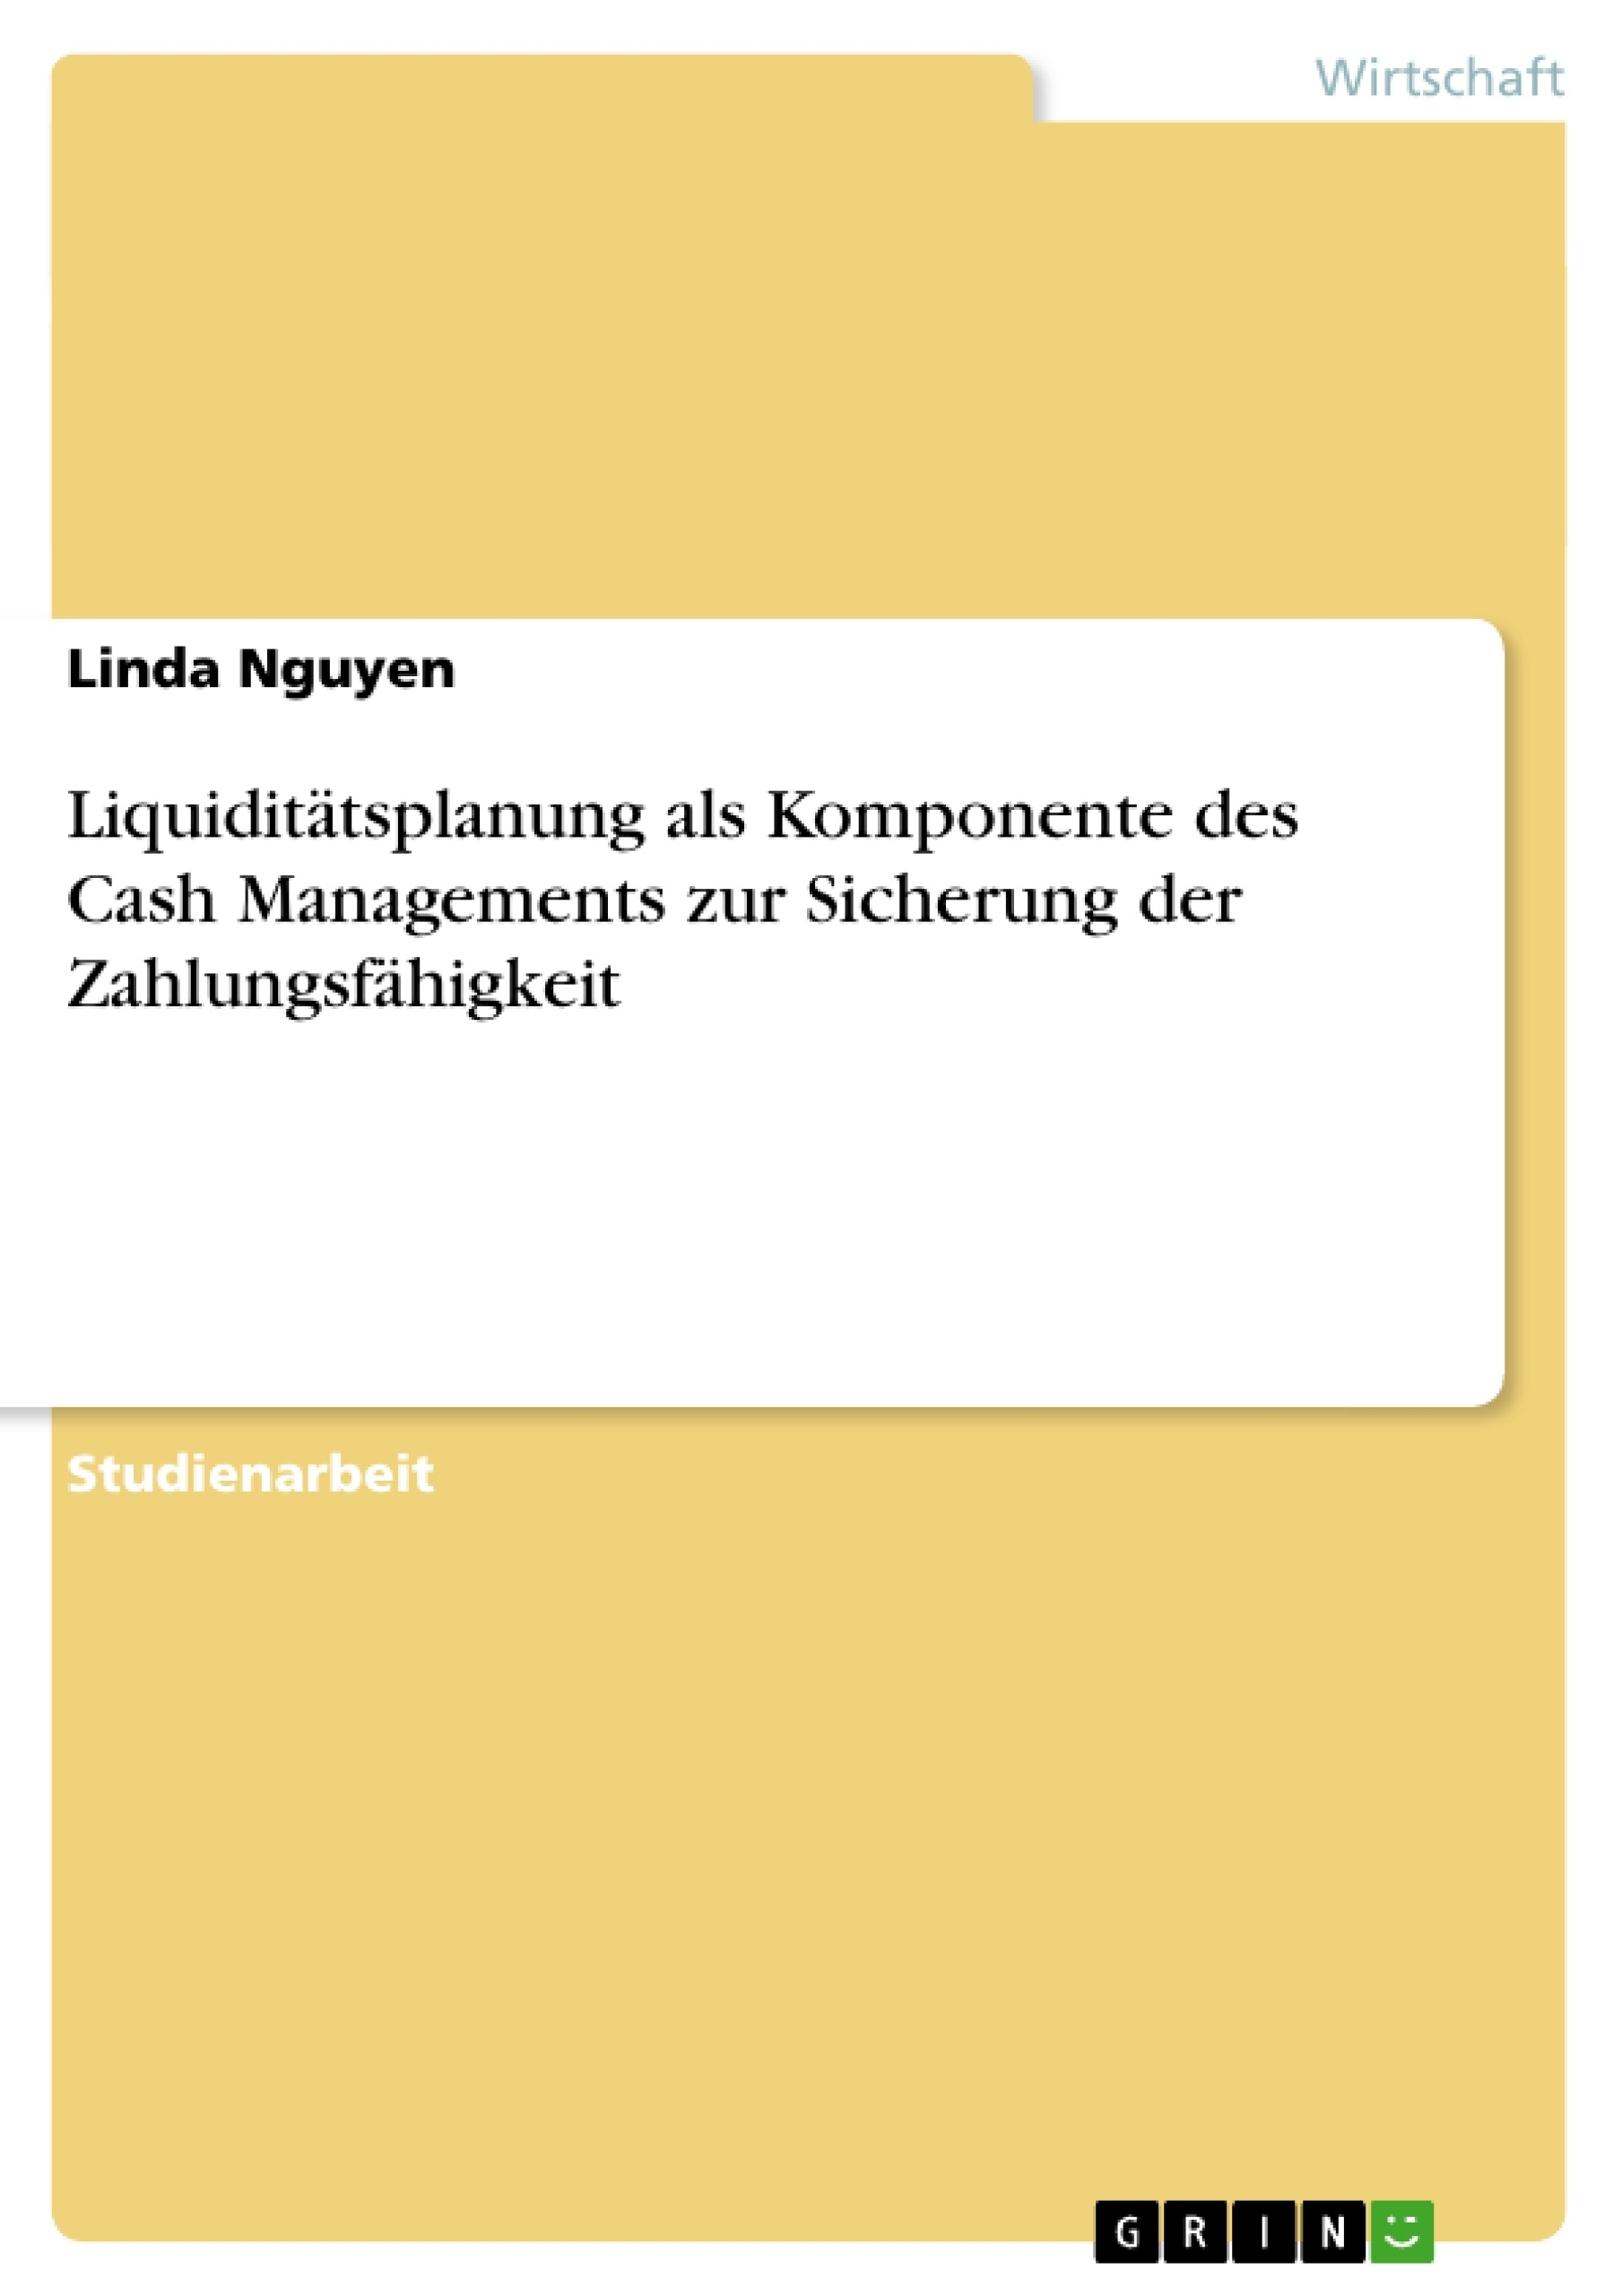 Titel: Liquiditätsplanung als Komponente des Cash Managements zur Sicherung der Zahlungsfähigkeit